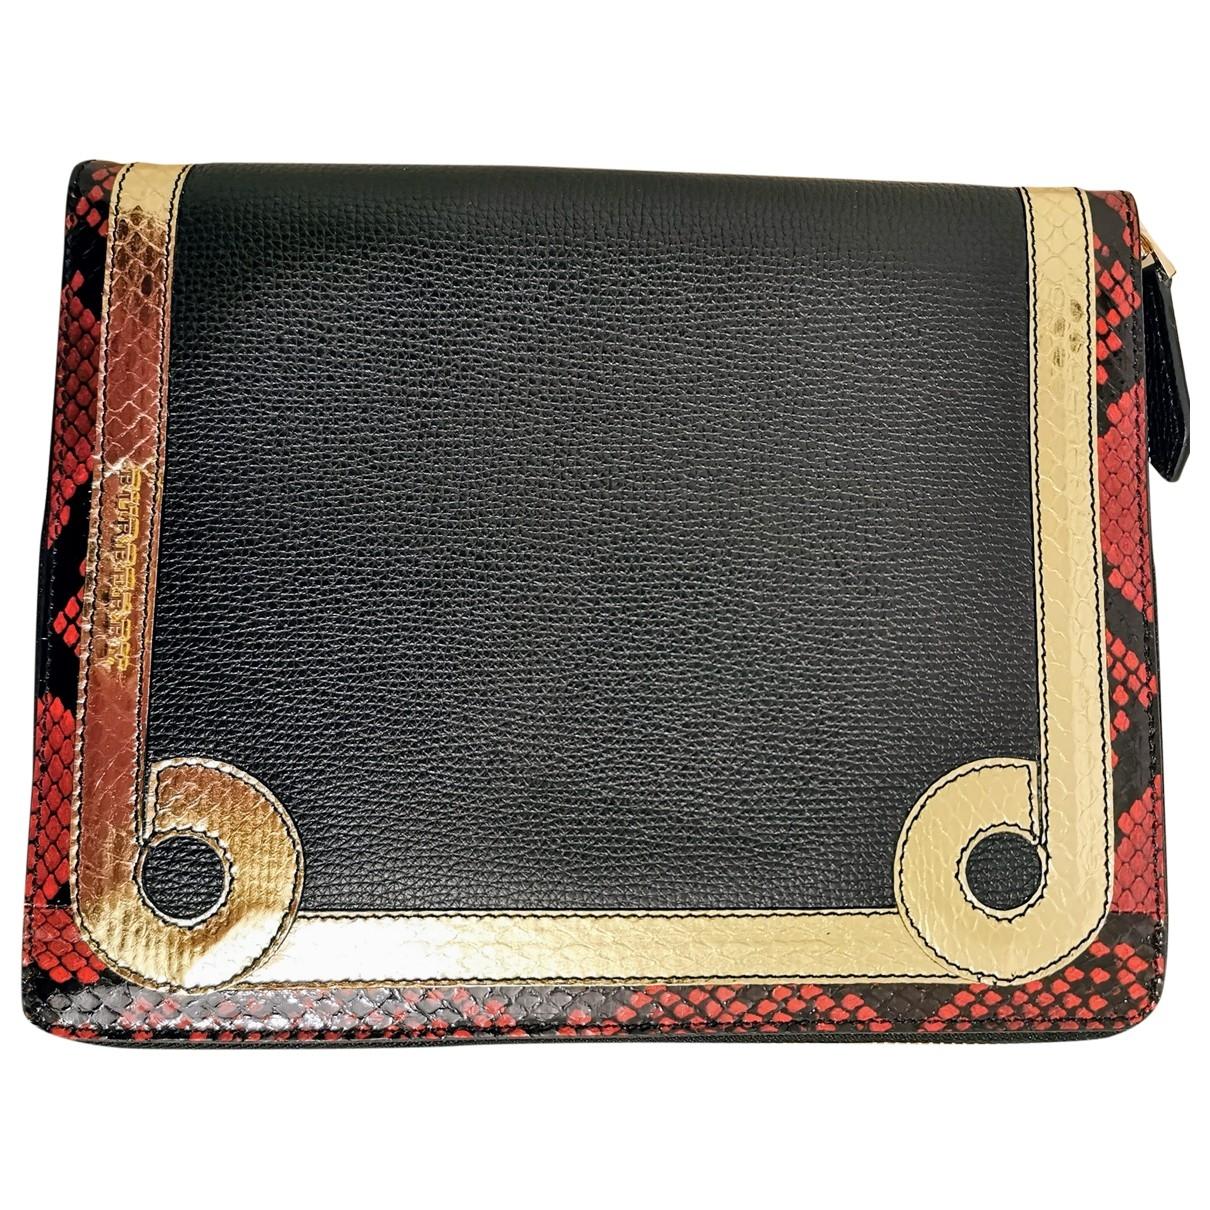 Burberry - Objets & Deco   pour lifestyle en cuir exotique - multicolore